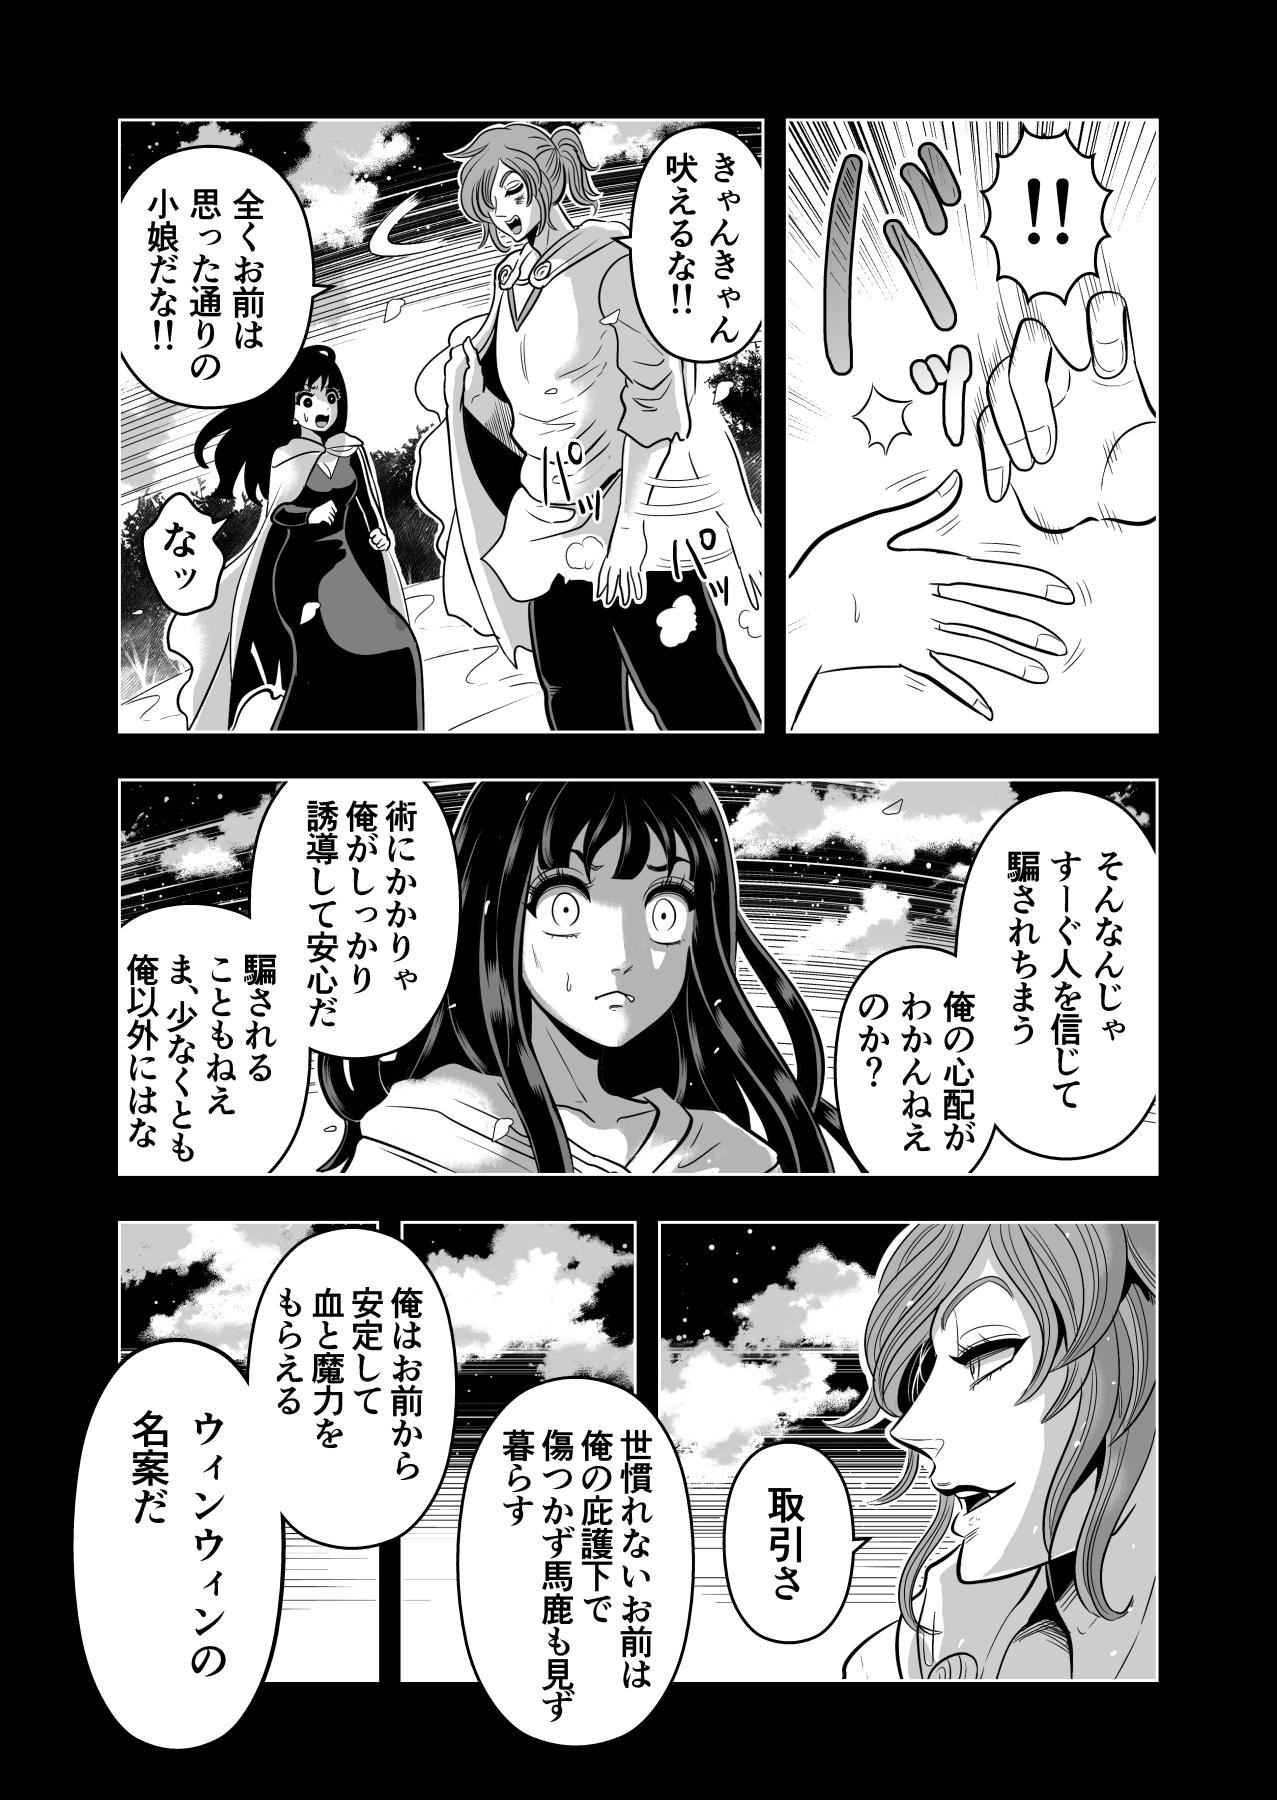 ヤサグレ魔女と第1王子と吸血鬼⑨ (6)-min